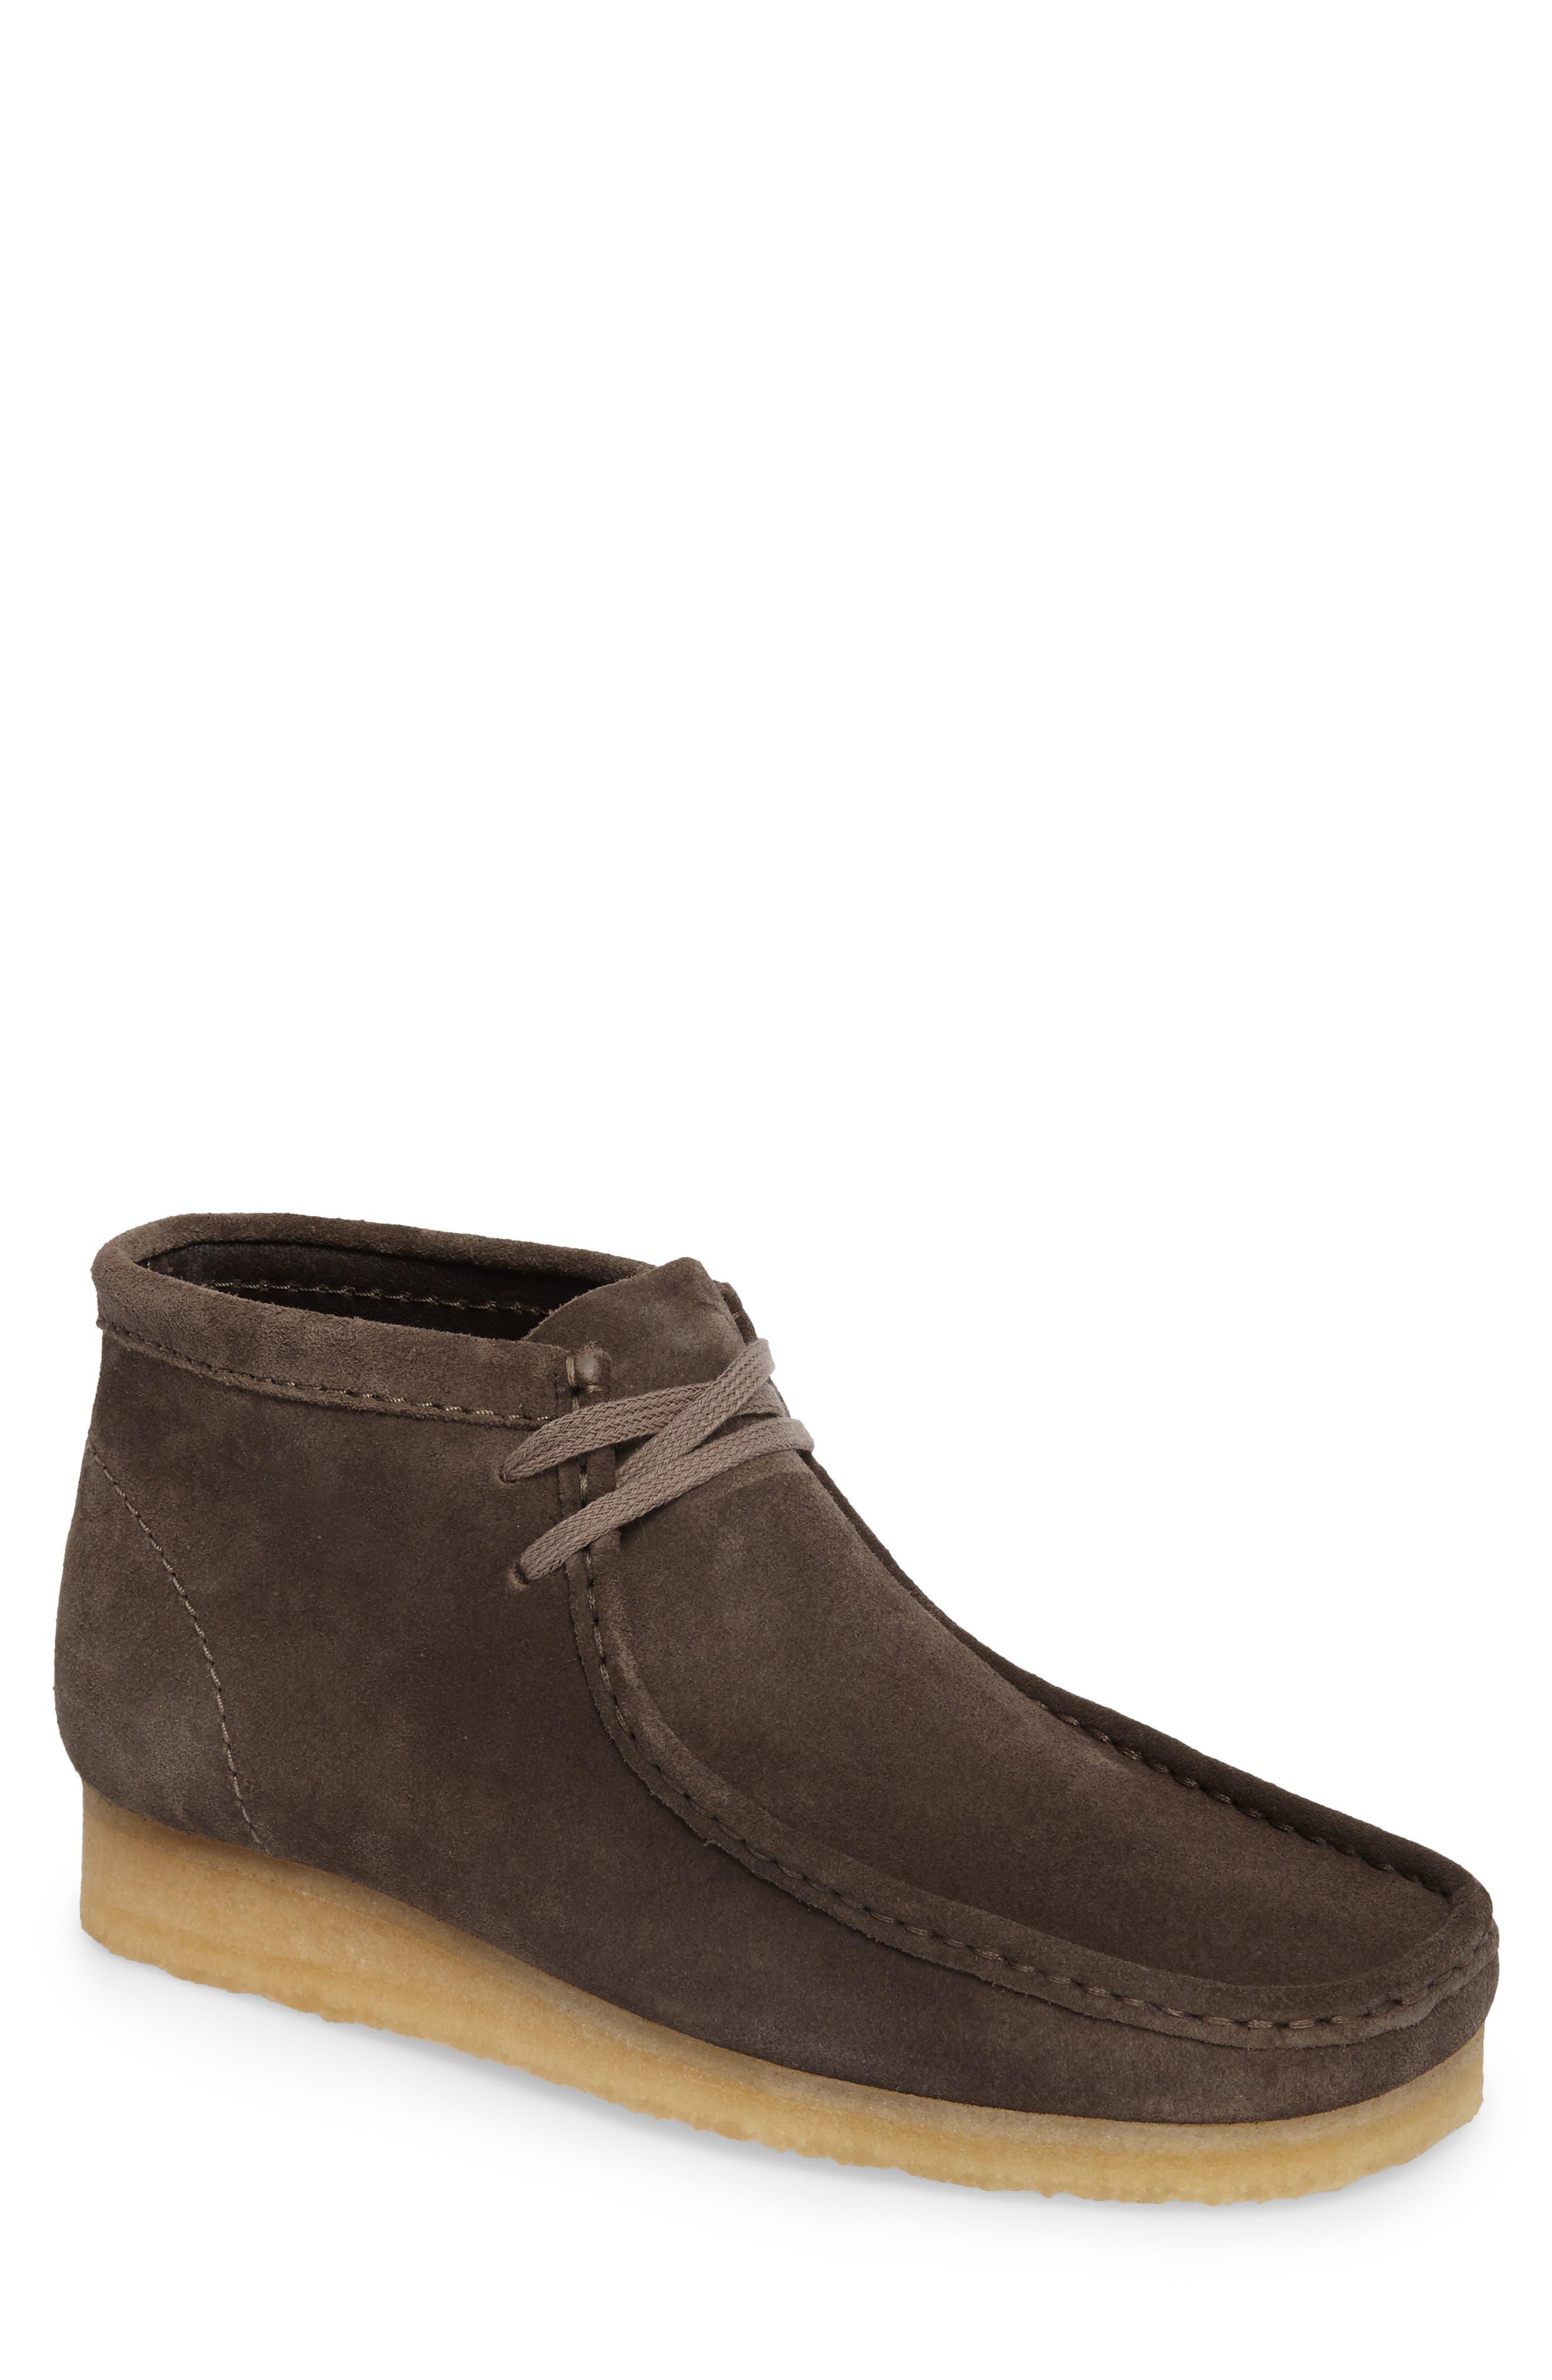 Alternate Image 1 Selected - Clarks® Originals 'Wallabee' Boot   (Men)